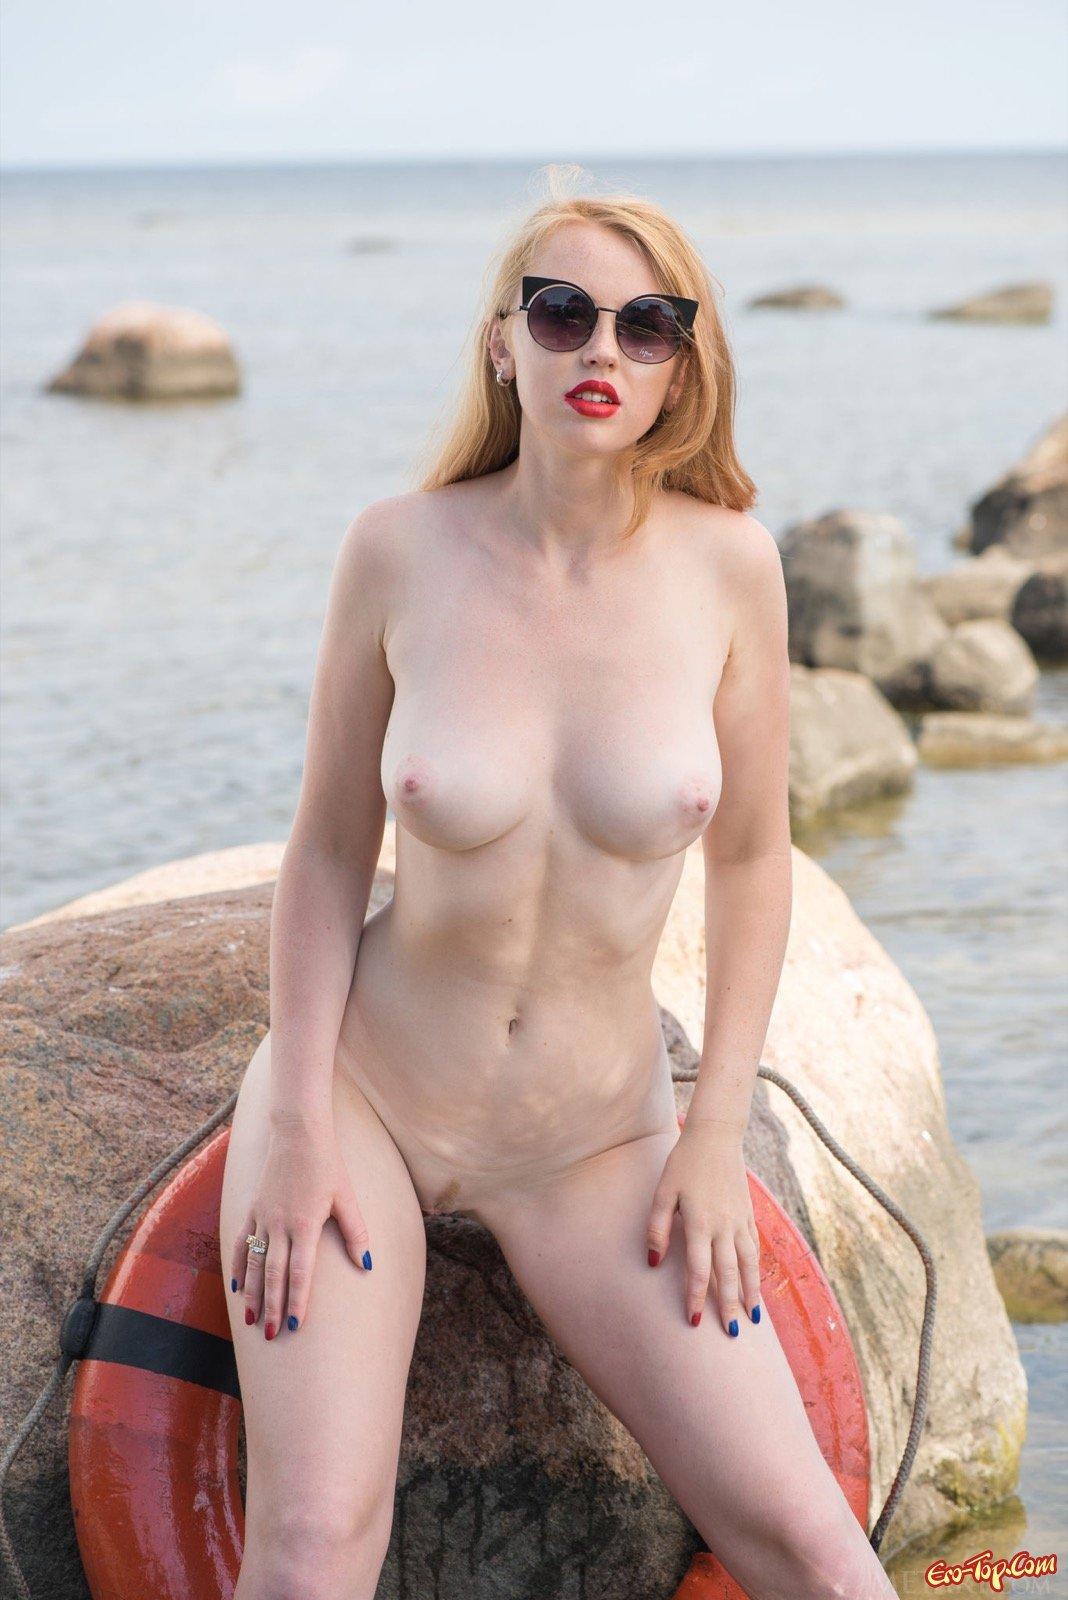 Красотка с круглой задницей сняла купальник на море